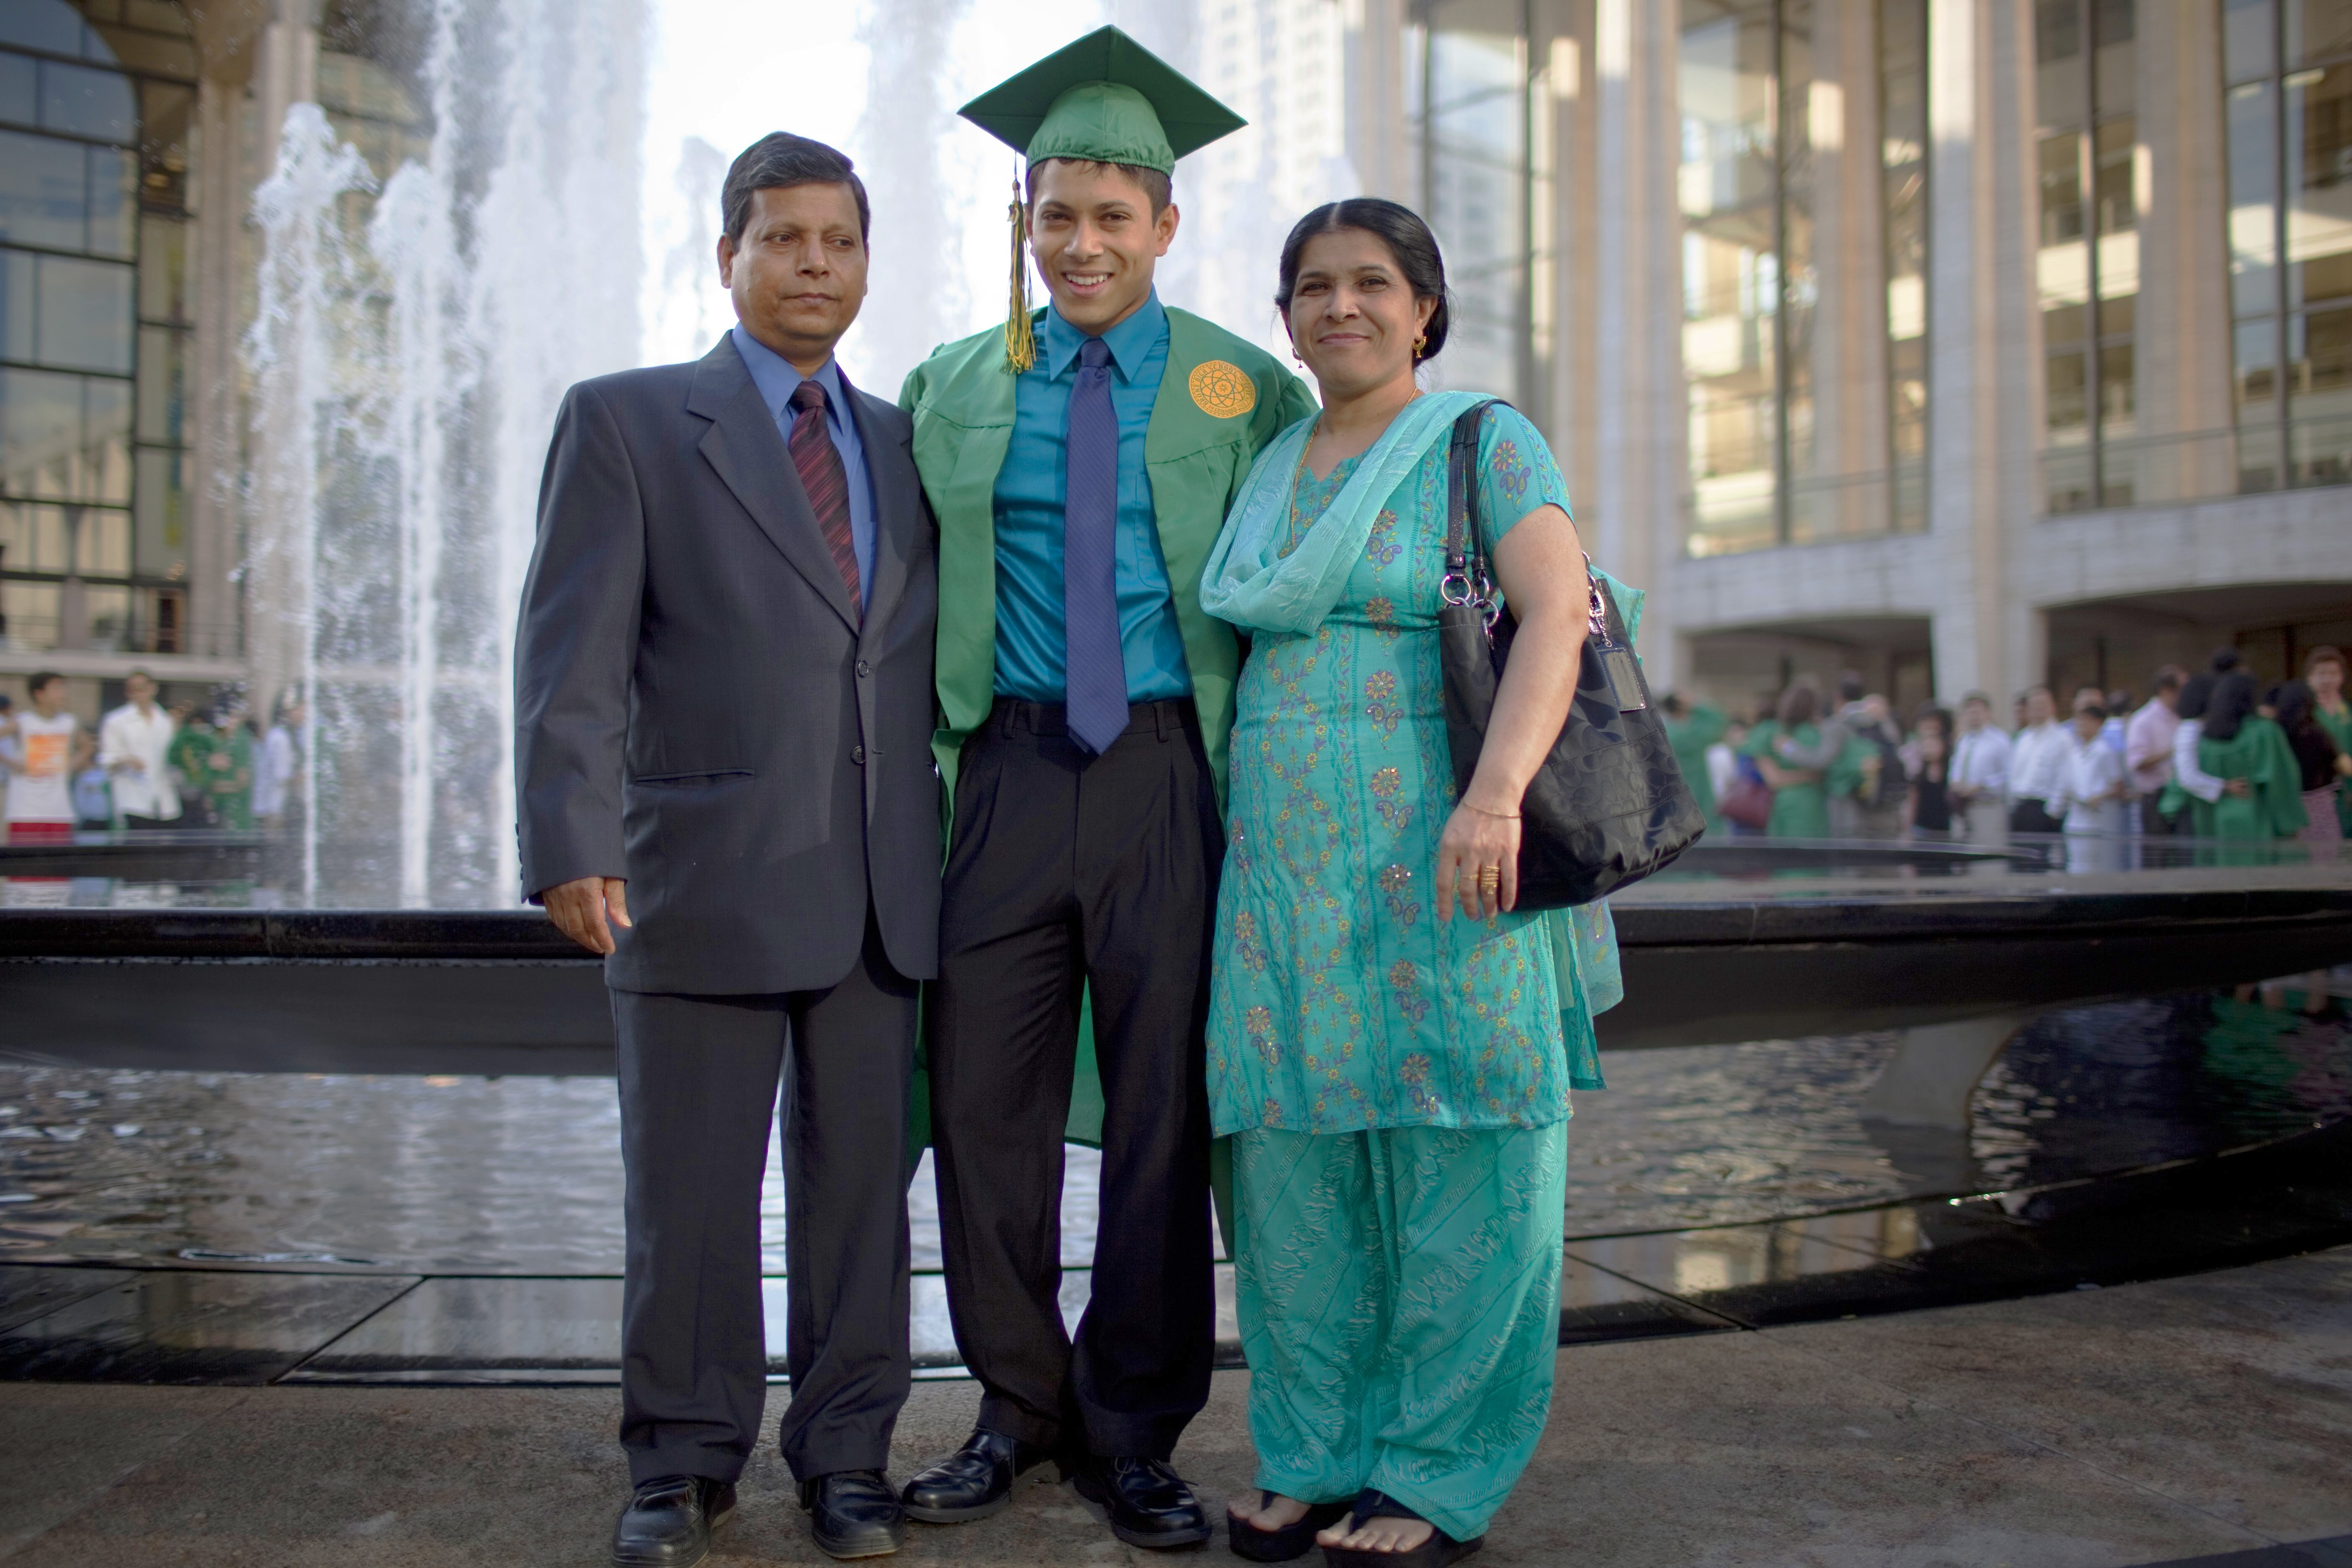 Joven adulto con toga de graduación y birrete posando junto a sus padres al frente de una fuente (© Getty Images)